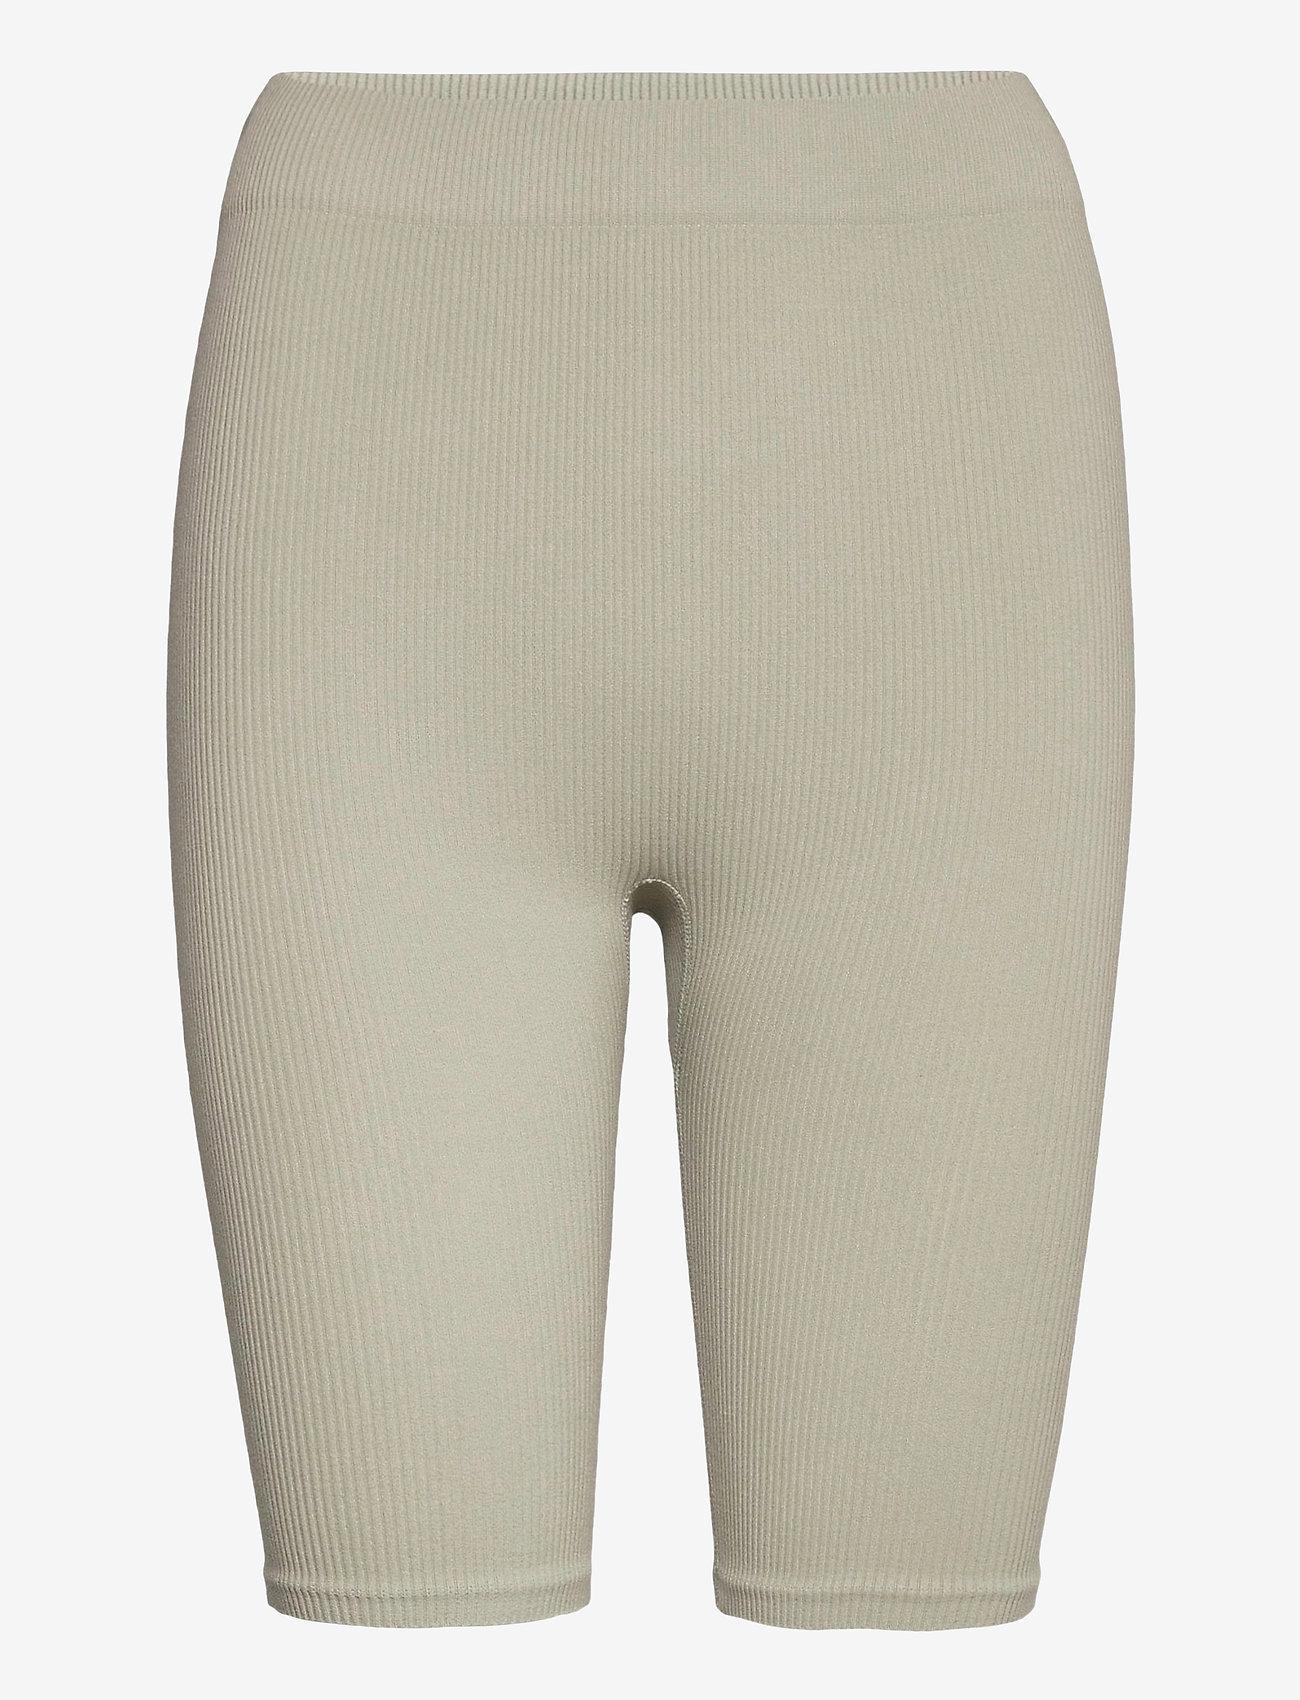 Vero Moda - VMEVE SHORTS - cycling shorts - mineral gray - 0